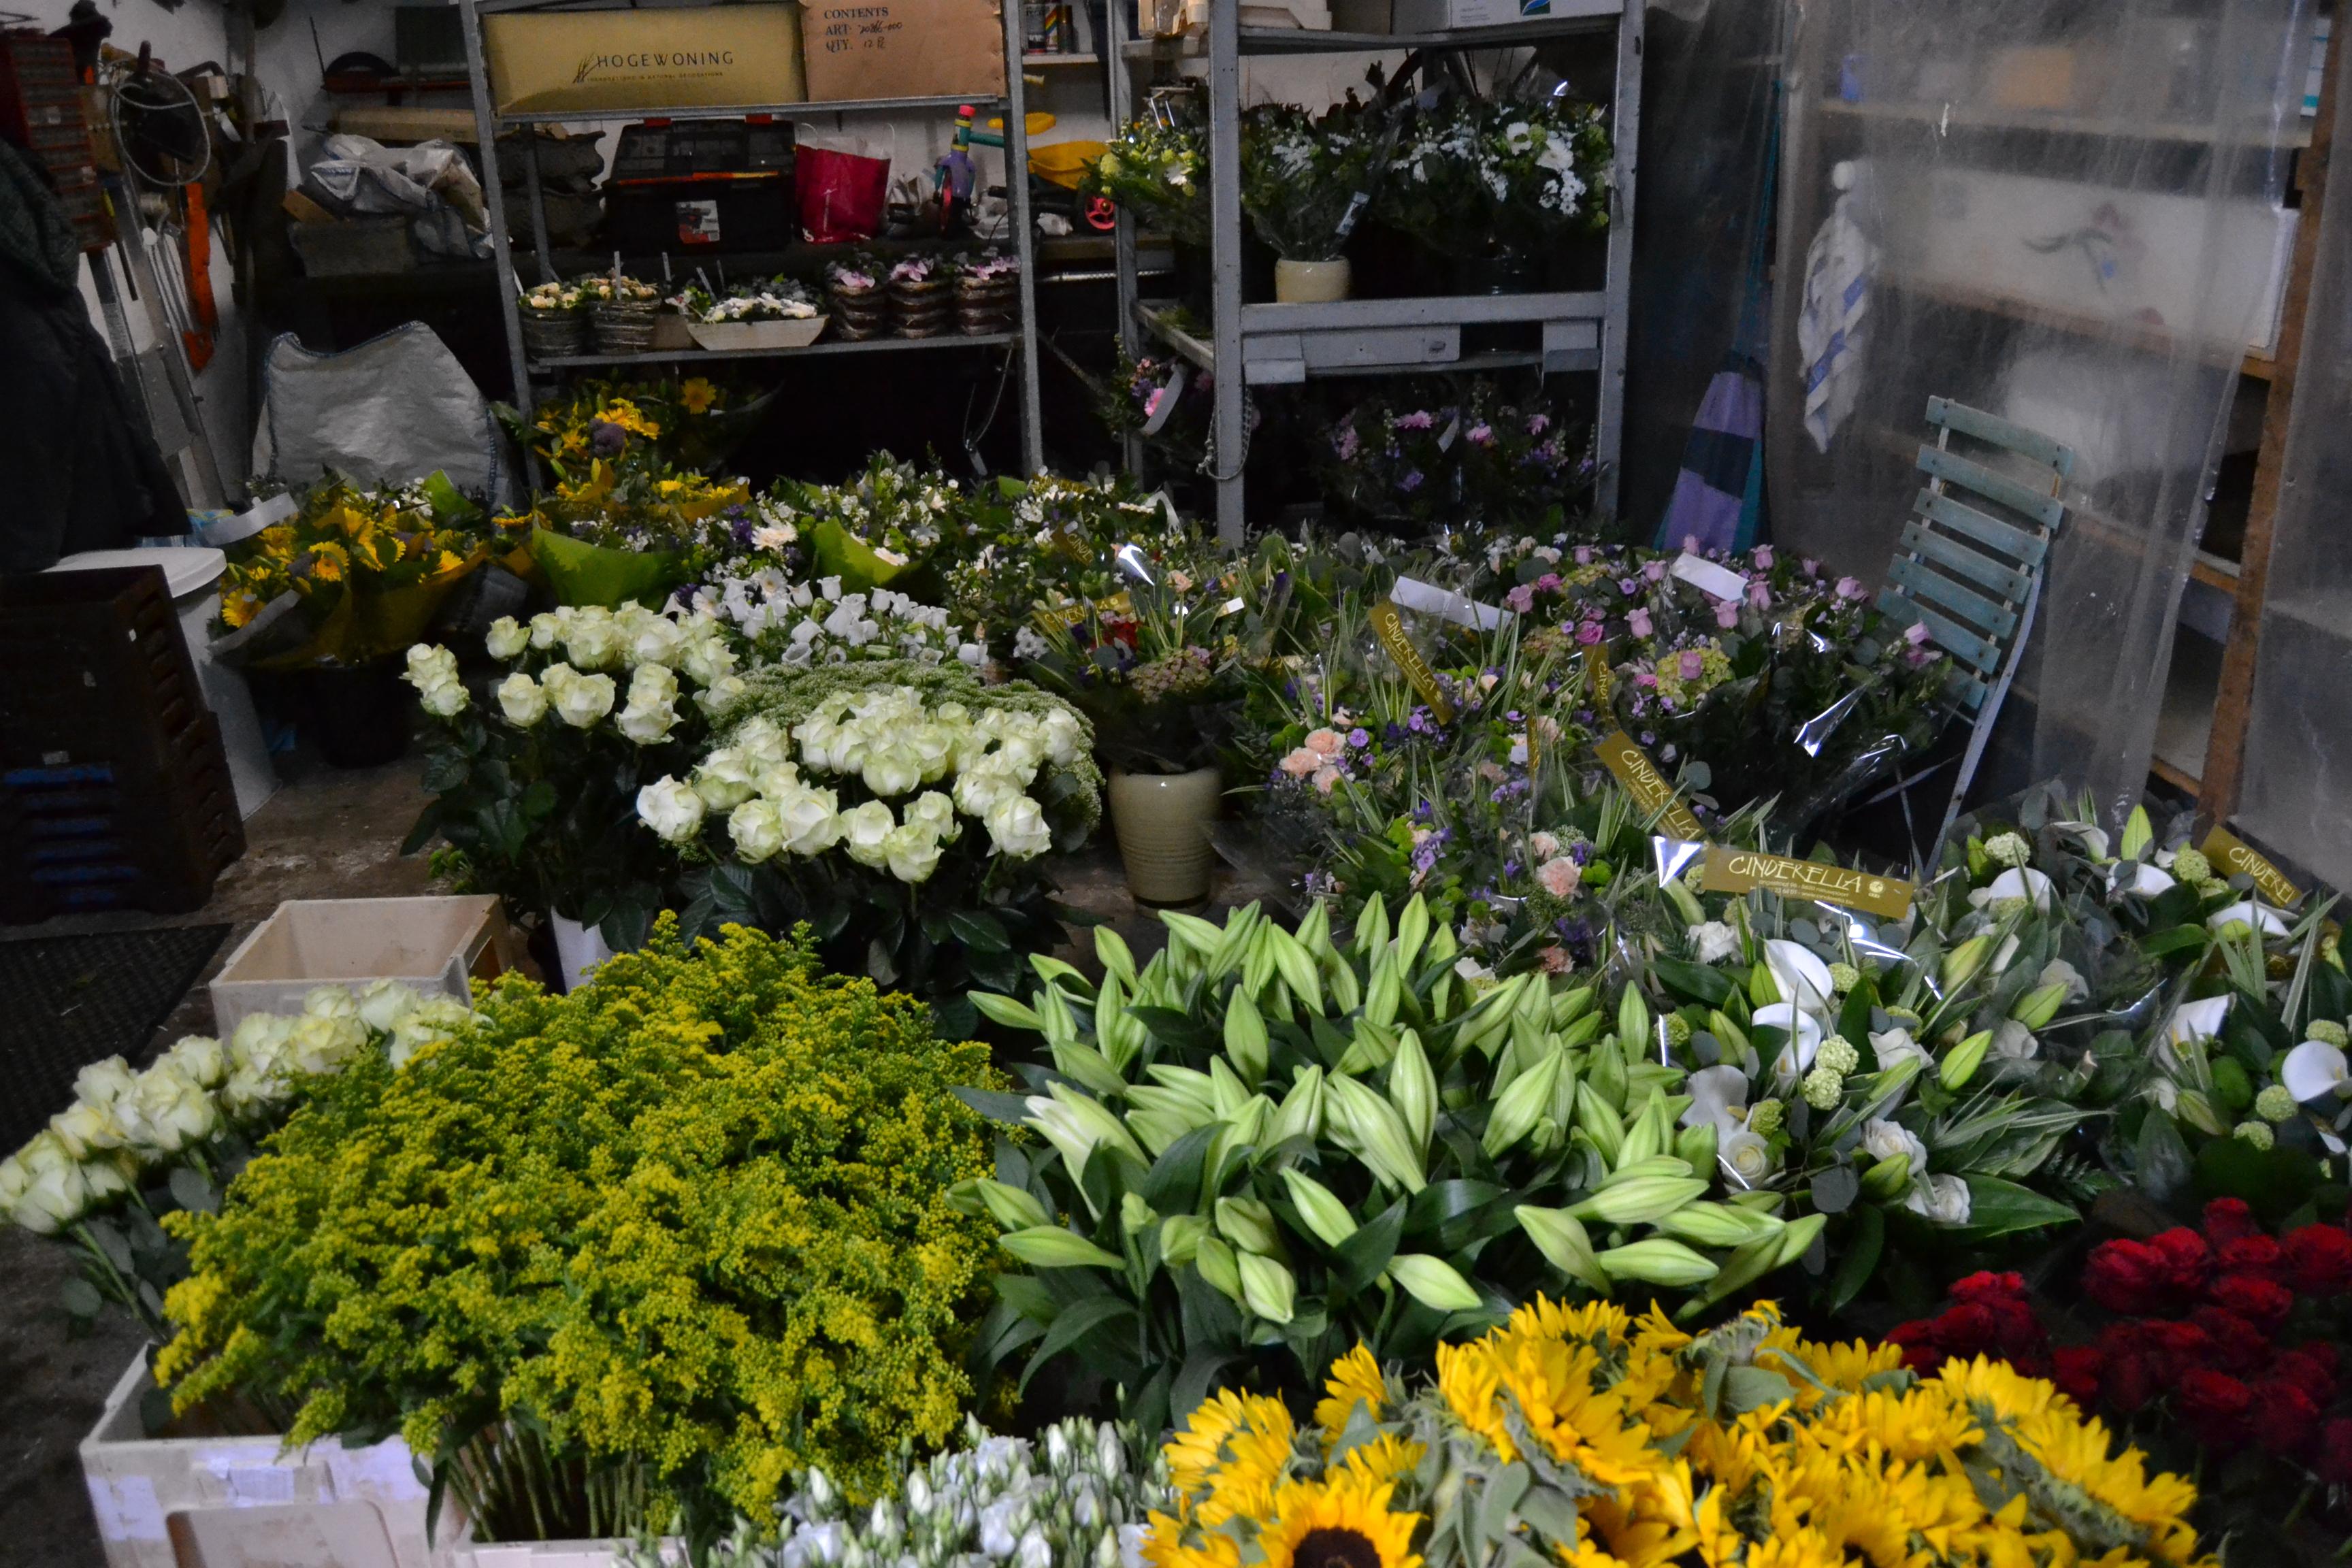 Beste Nieuwpoort - Top bloemenzaak met woonst te koop | Overnameweb RU-81